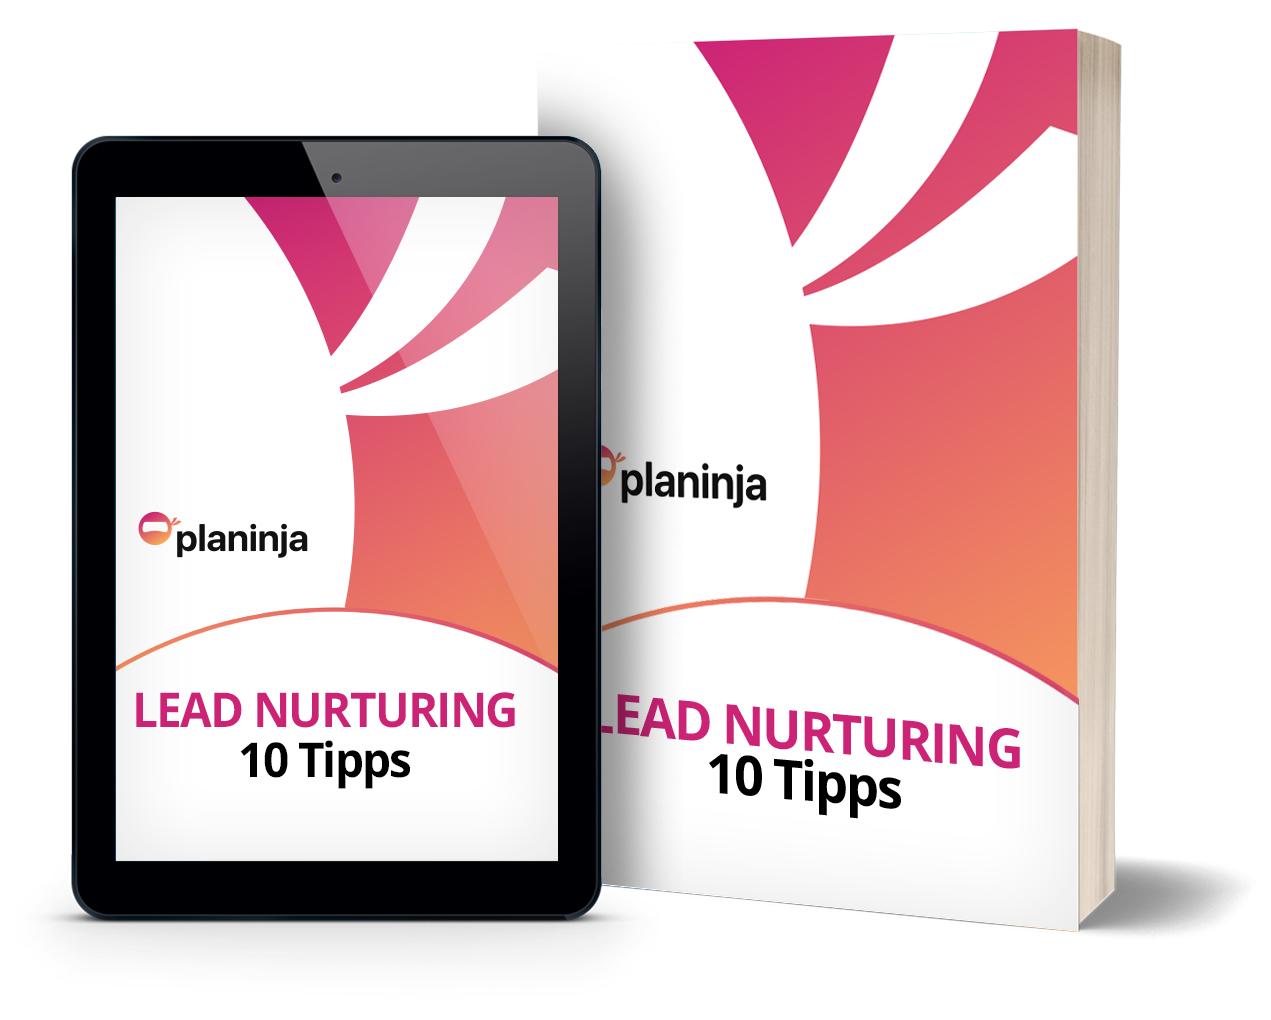 ebook-know-how-planinja-lead-nurturing (1)